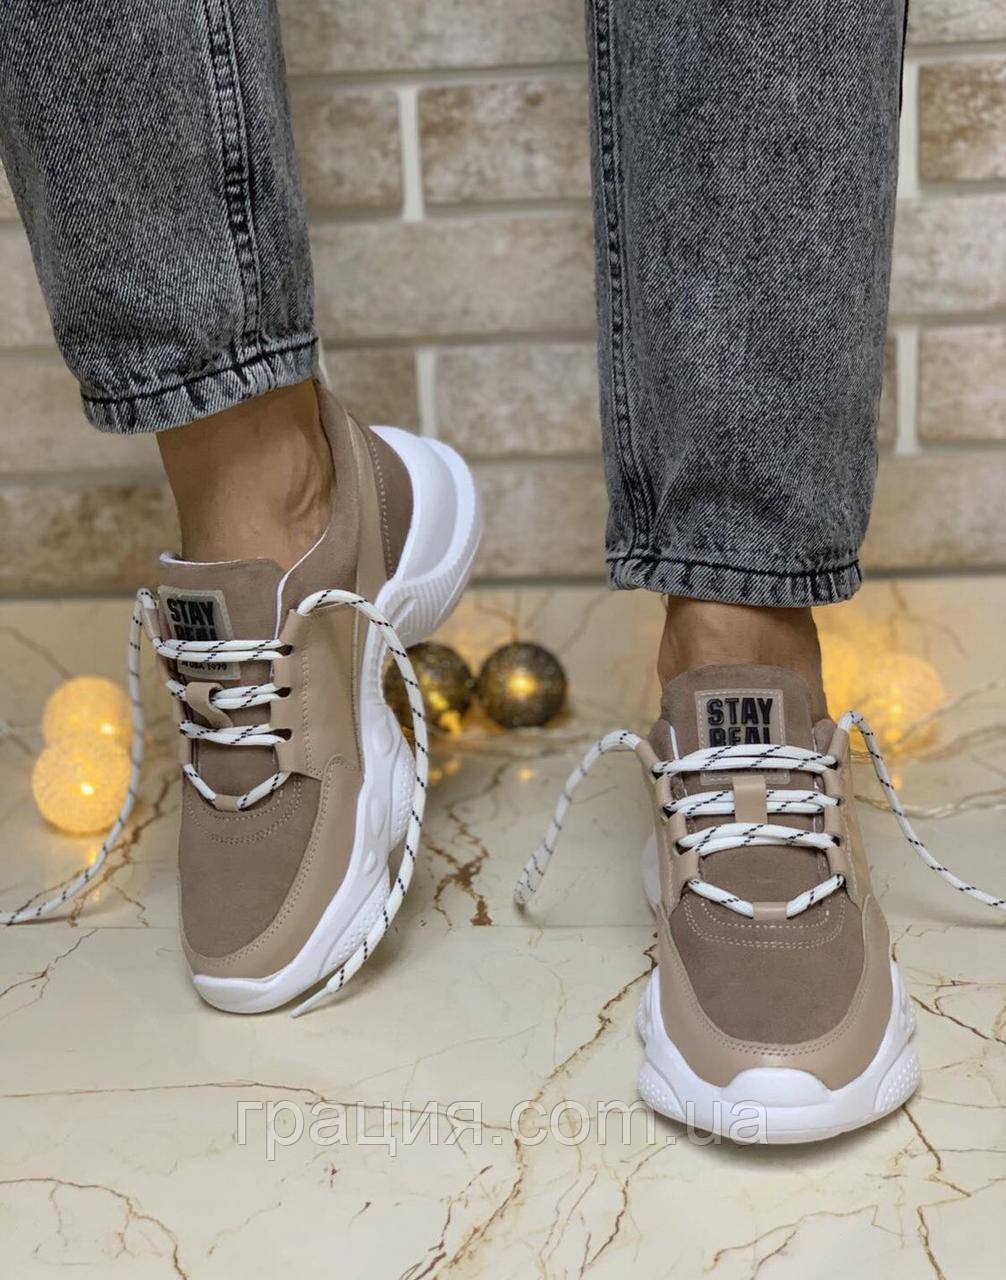 Жіночі кросівки на платформі з натуральної шкіри